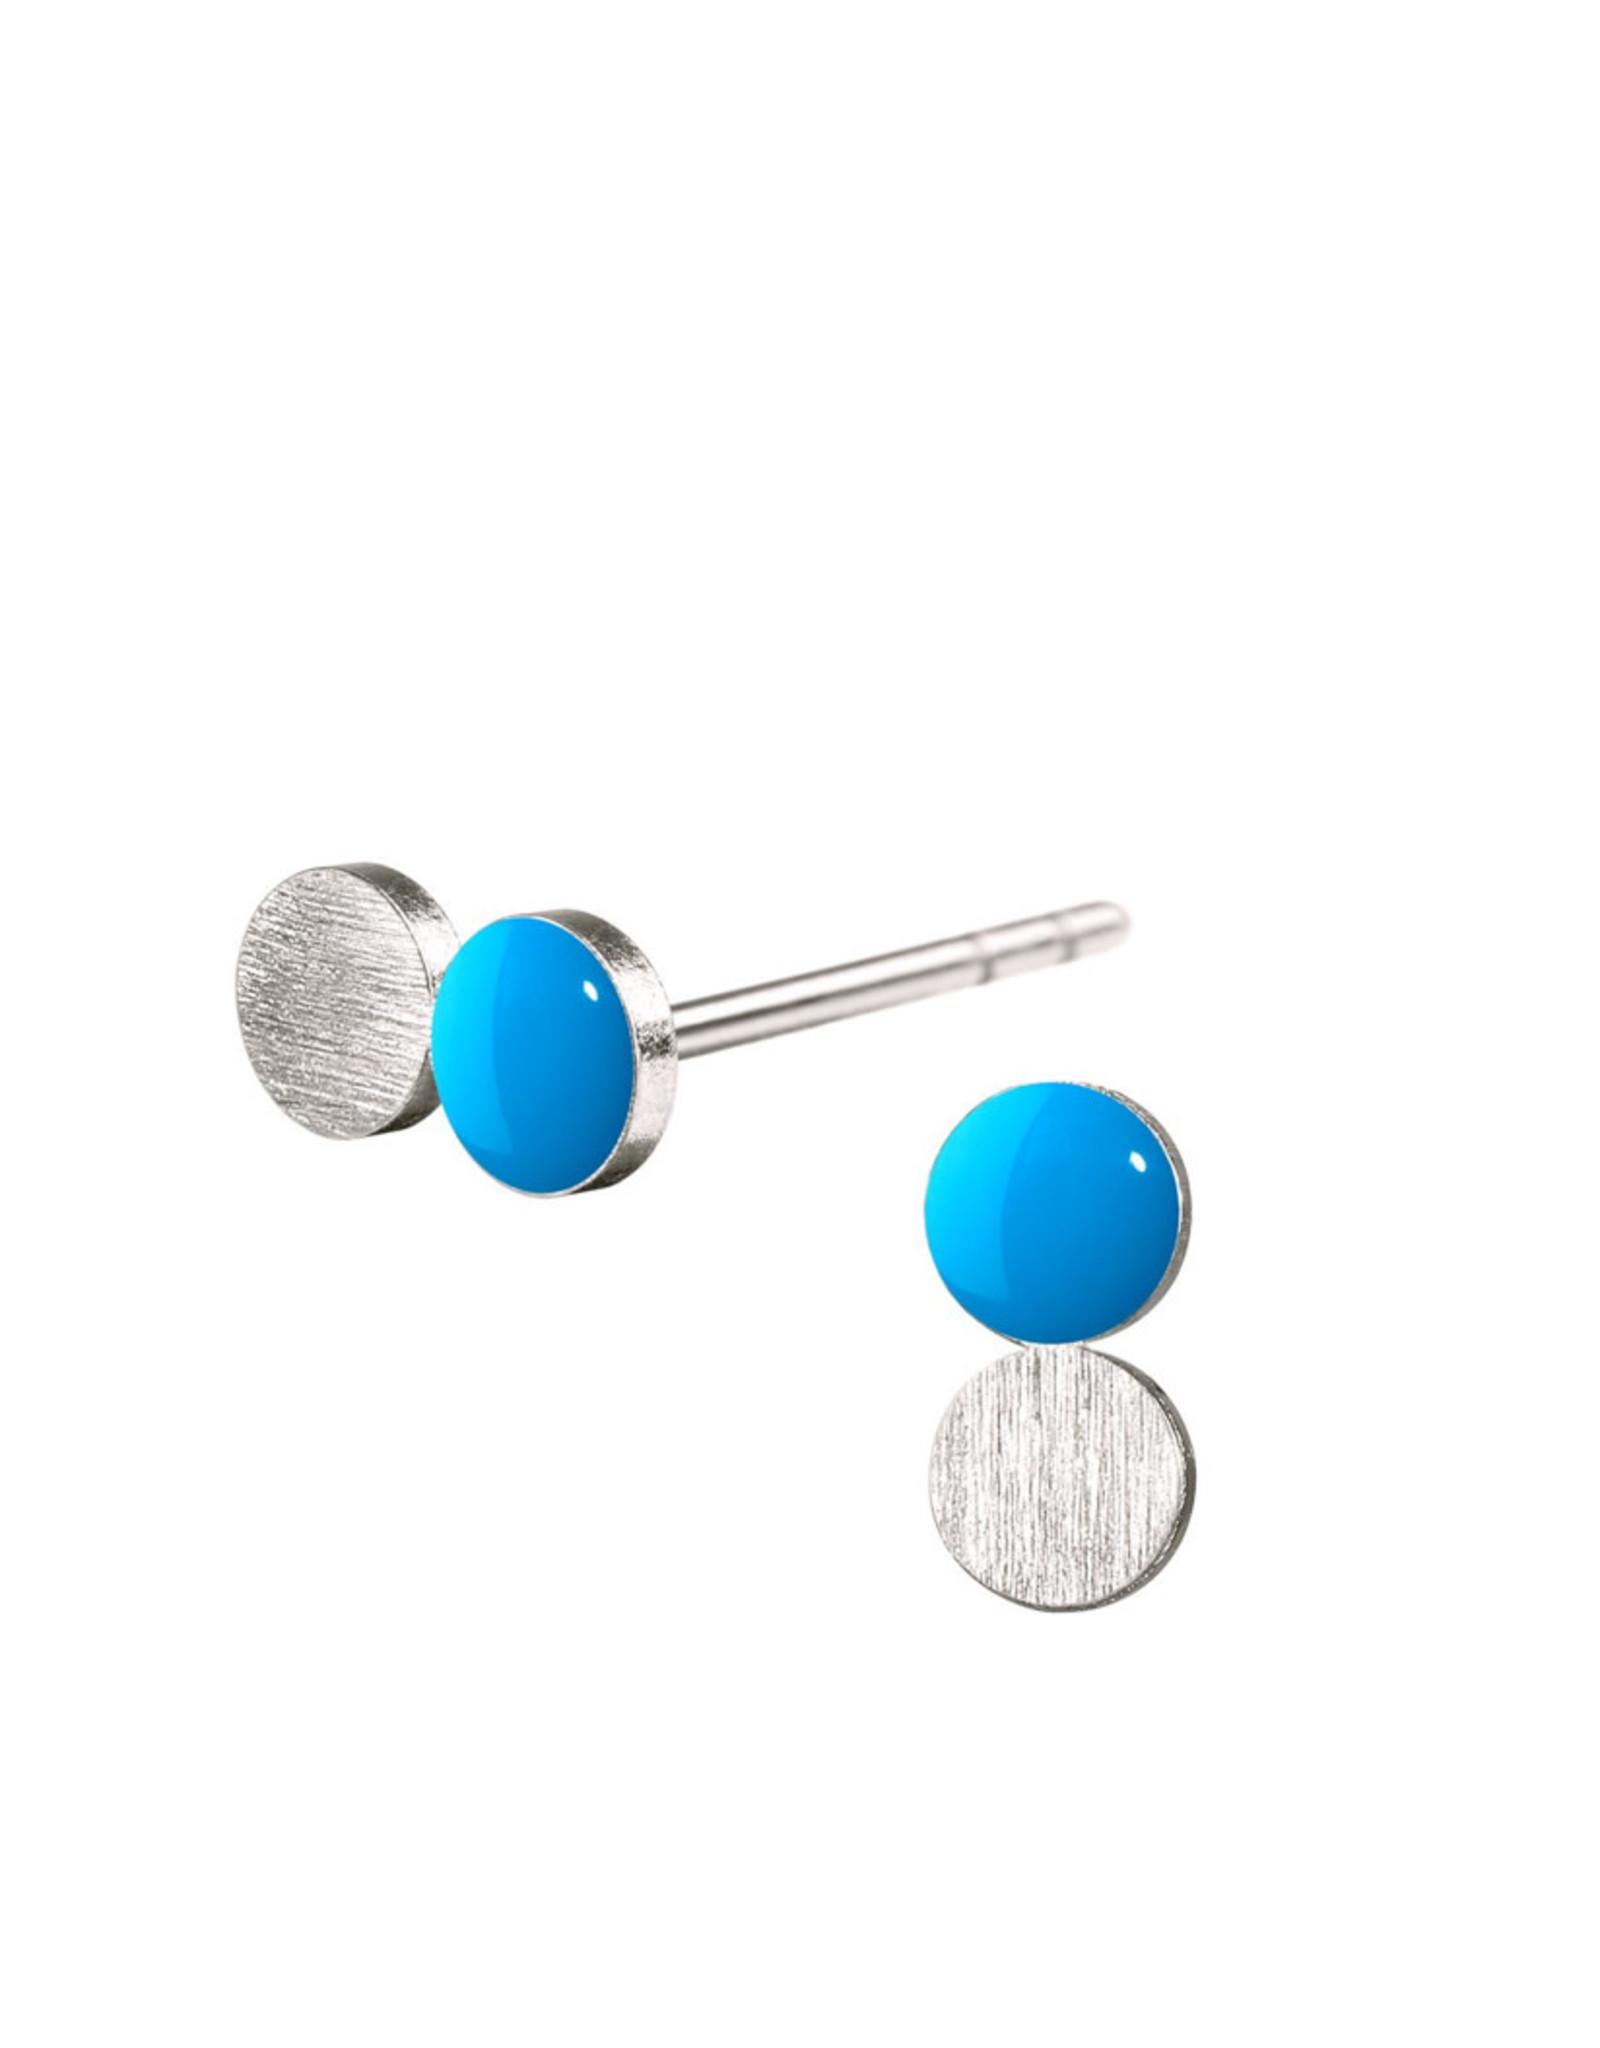 scherning oorstud dubbele schijf cyaan/zilver 4mm